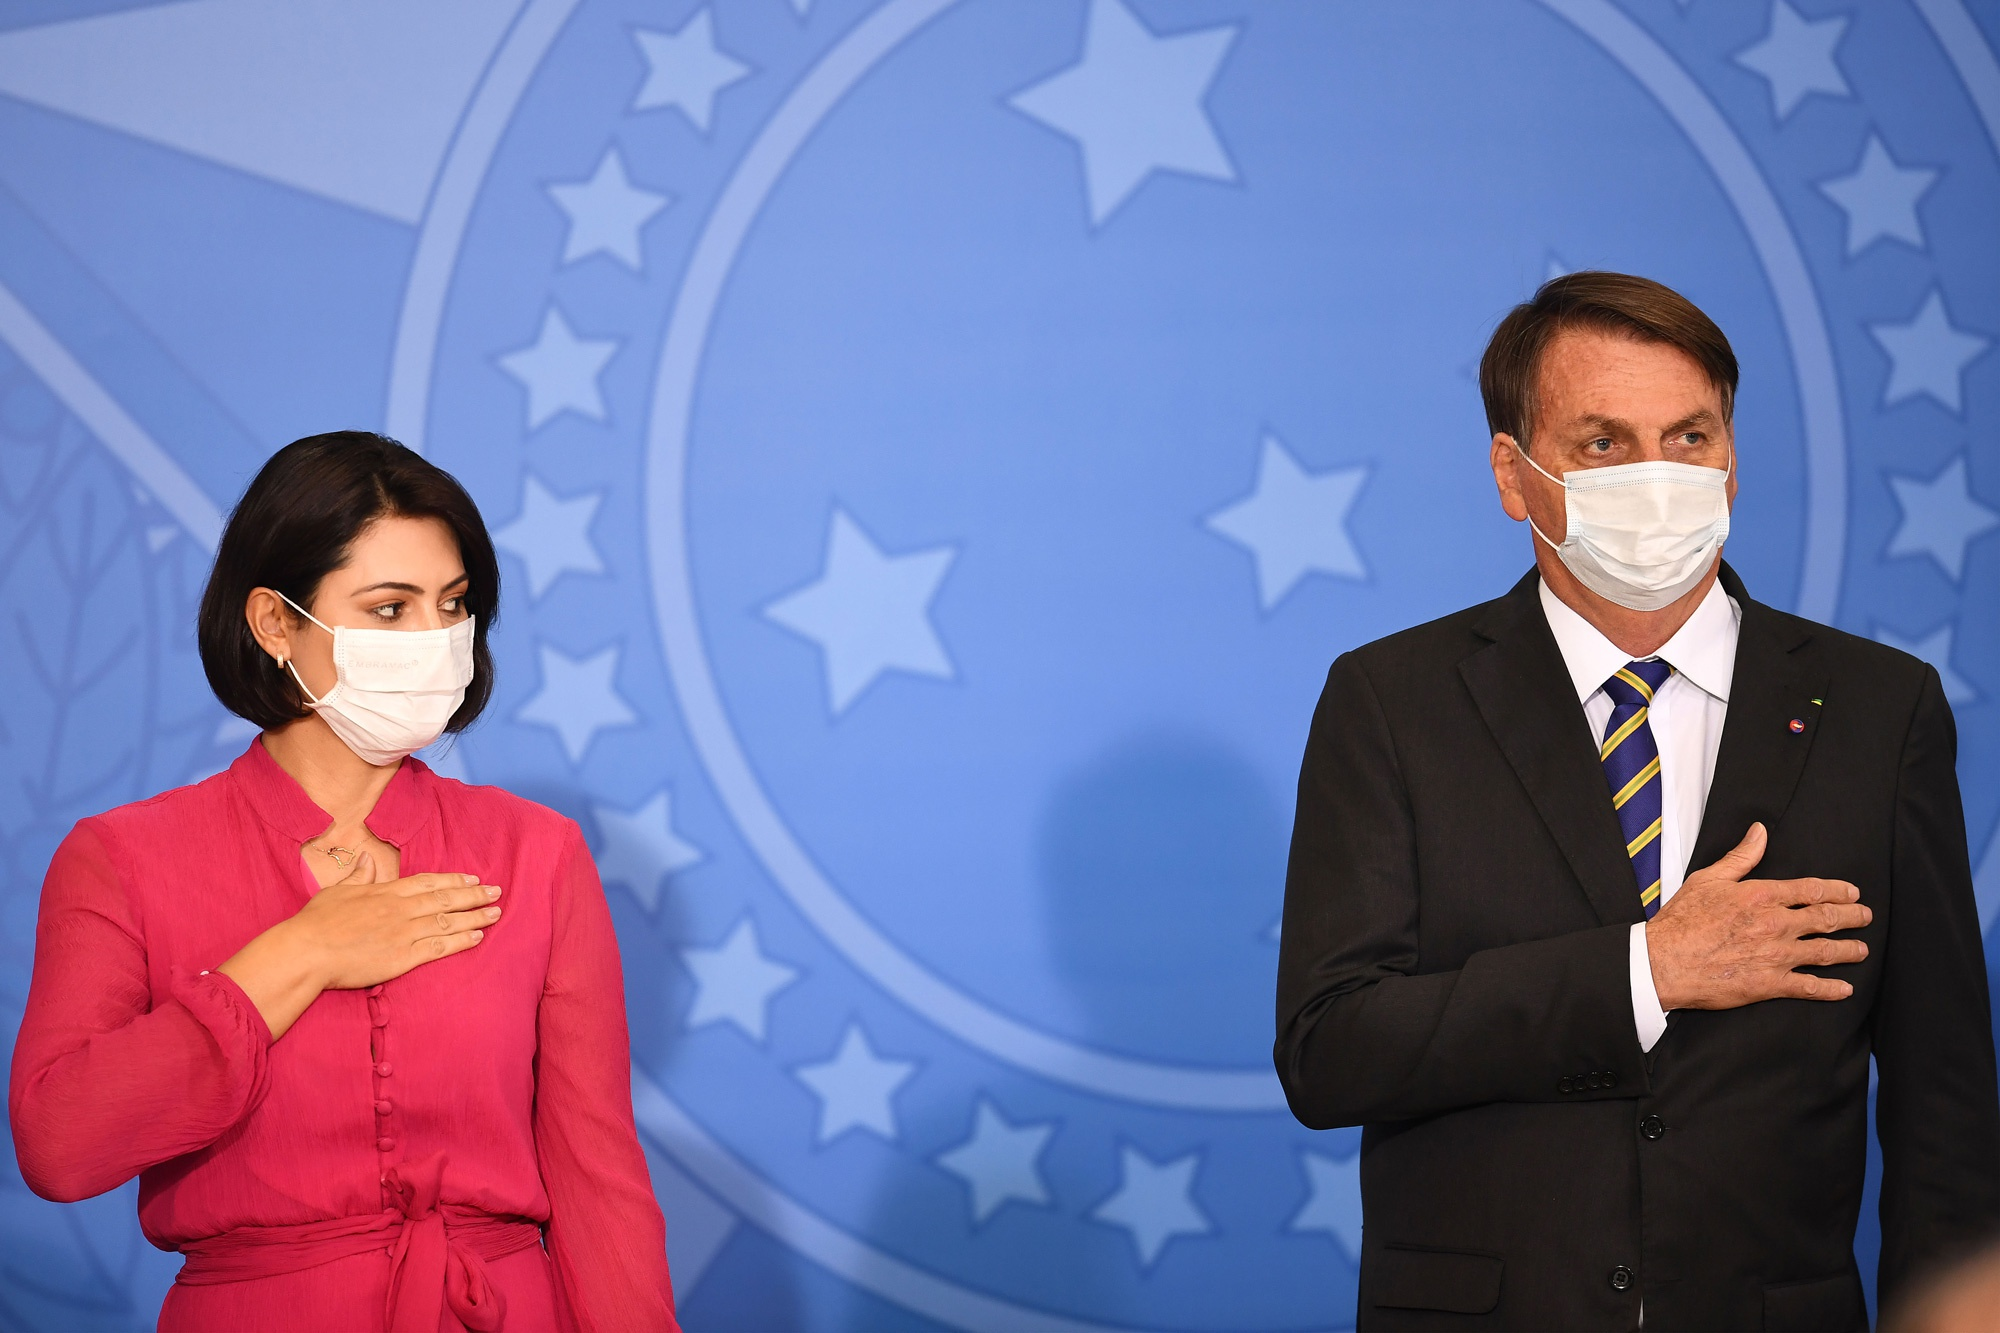 《【摩登2平台app登录】巴西总统夫人感染新冠病毒 前一天曾出席公开活动》